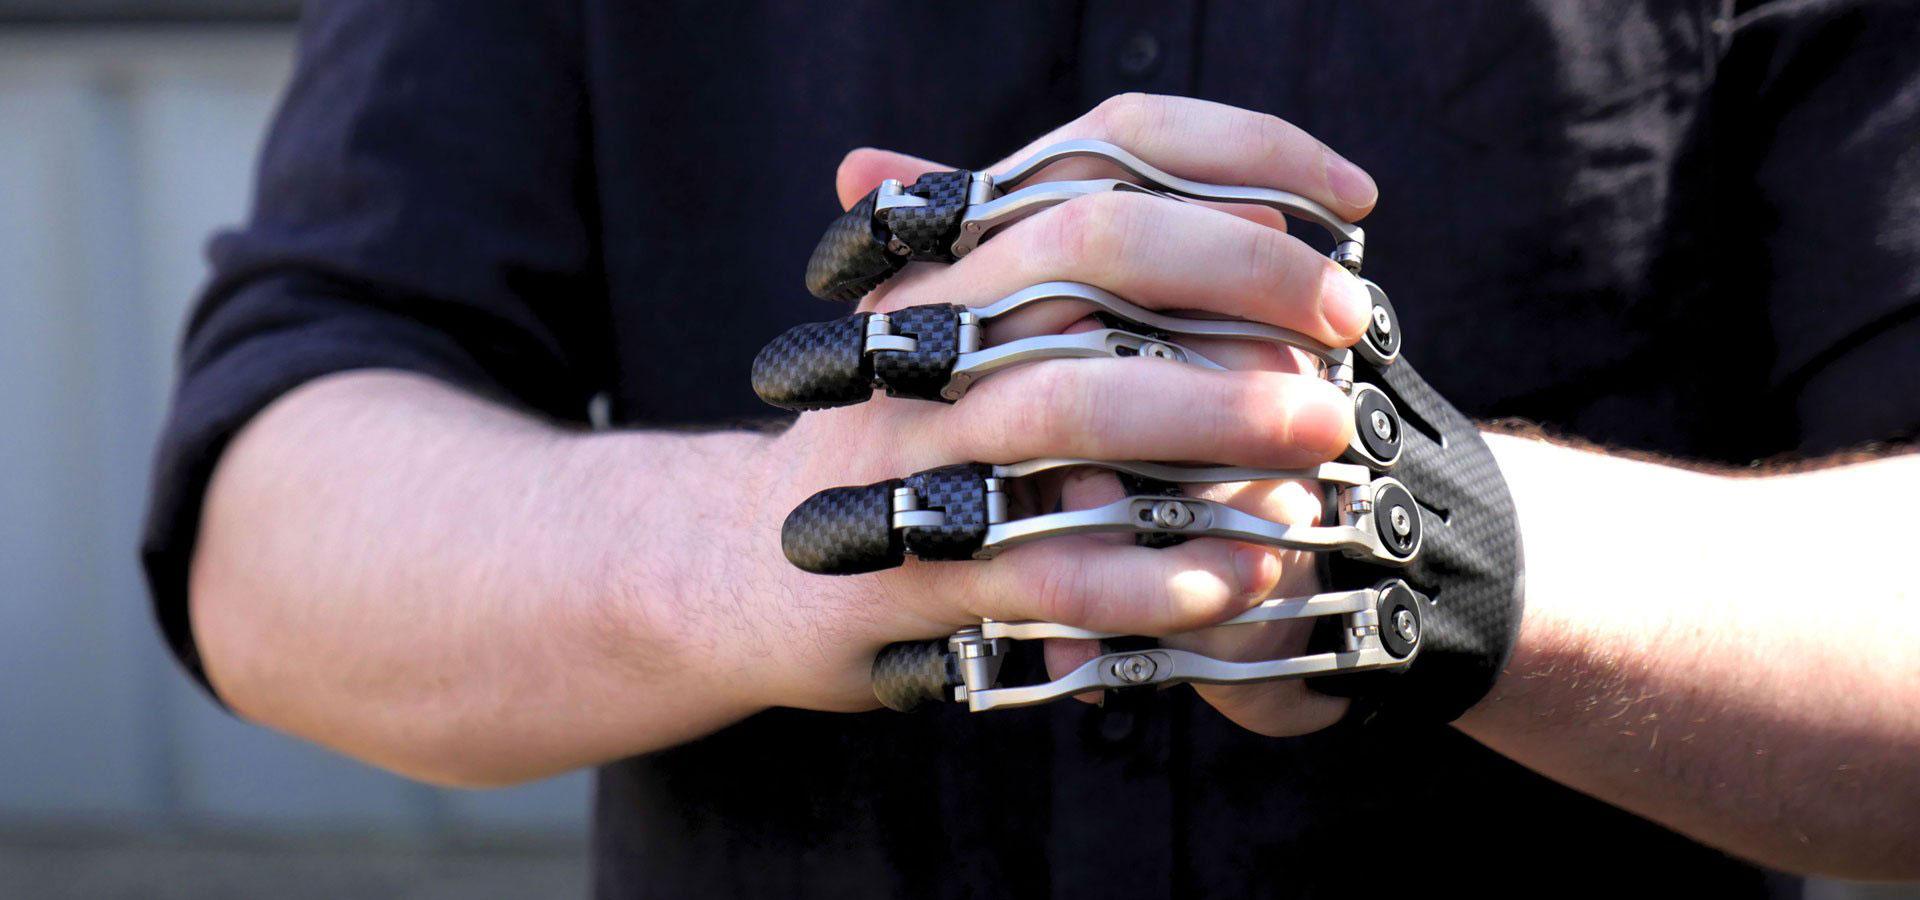 Protezy, które naśladują naturalny ruch palców